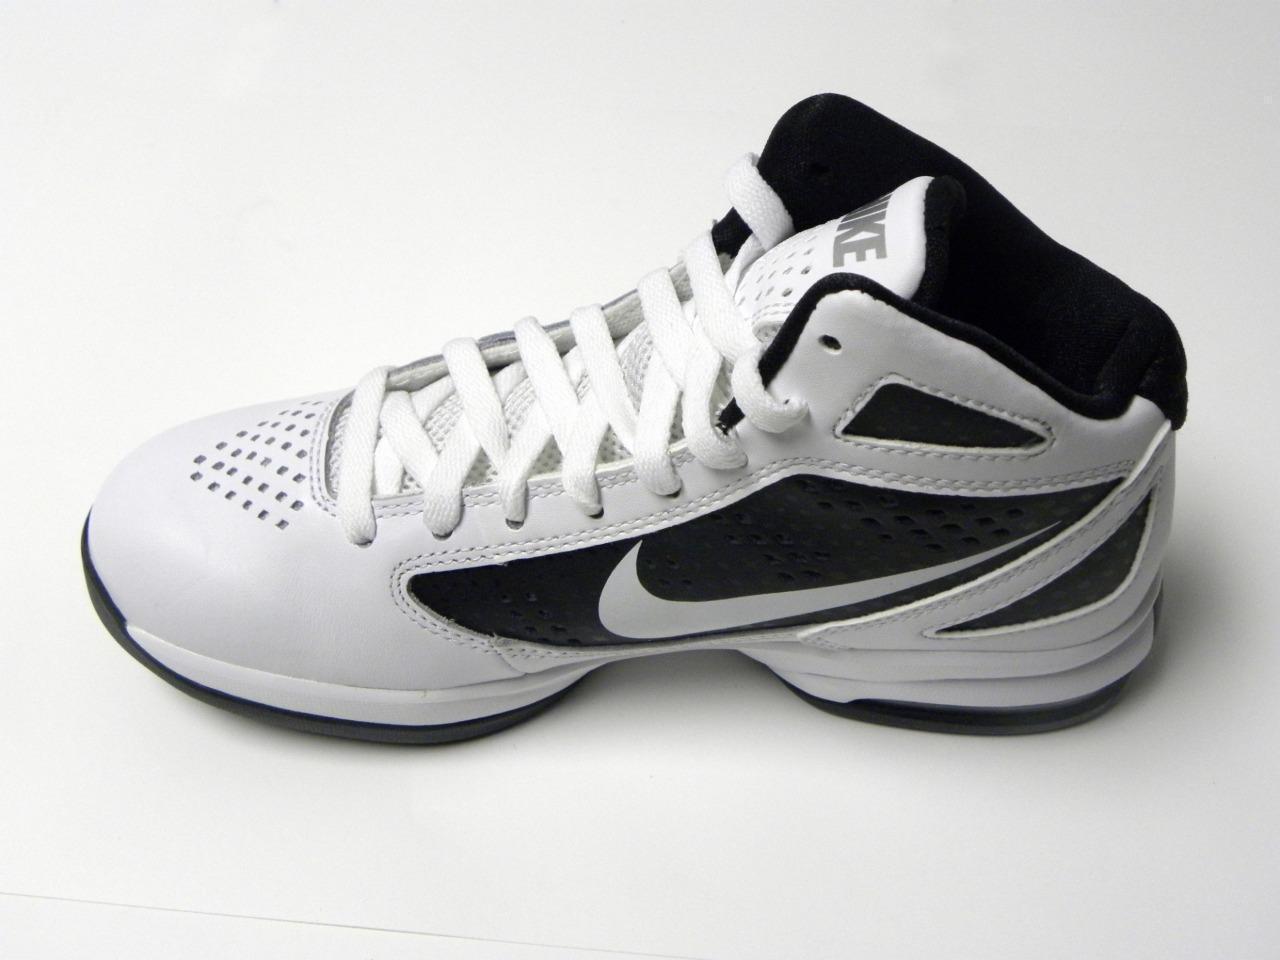 Nike Air Max Thea Premium Womens 616723 001 Black Leopard